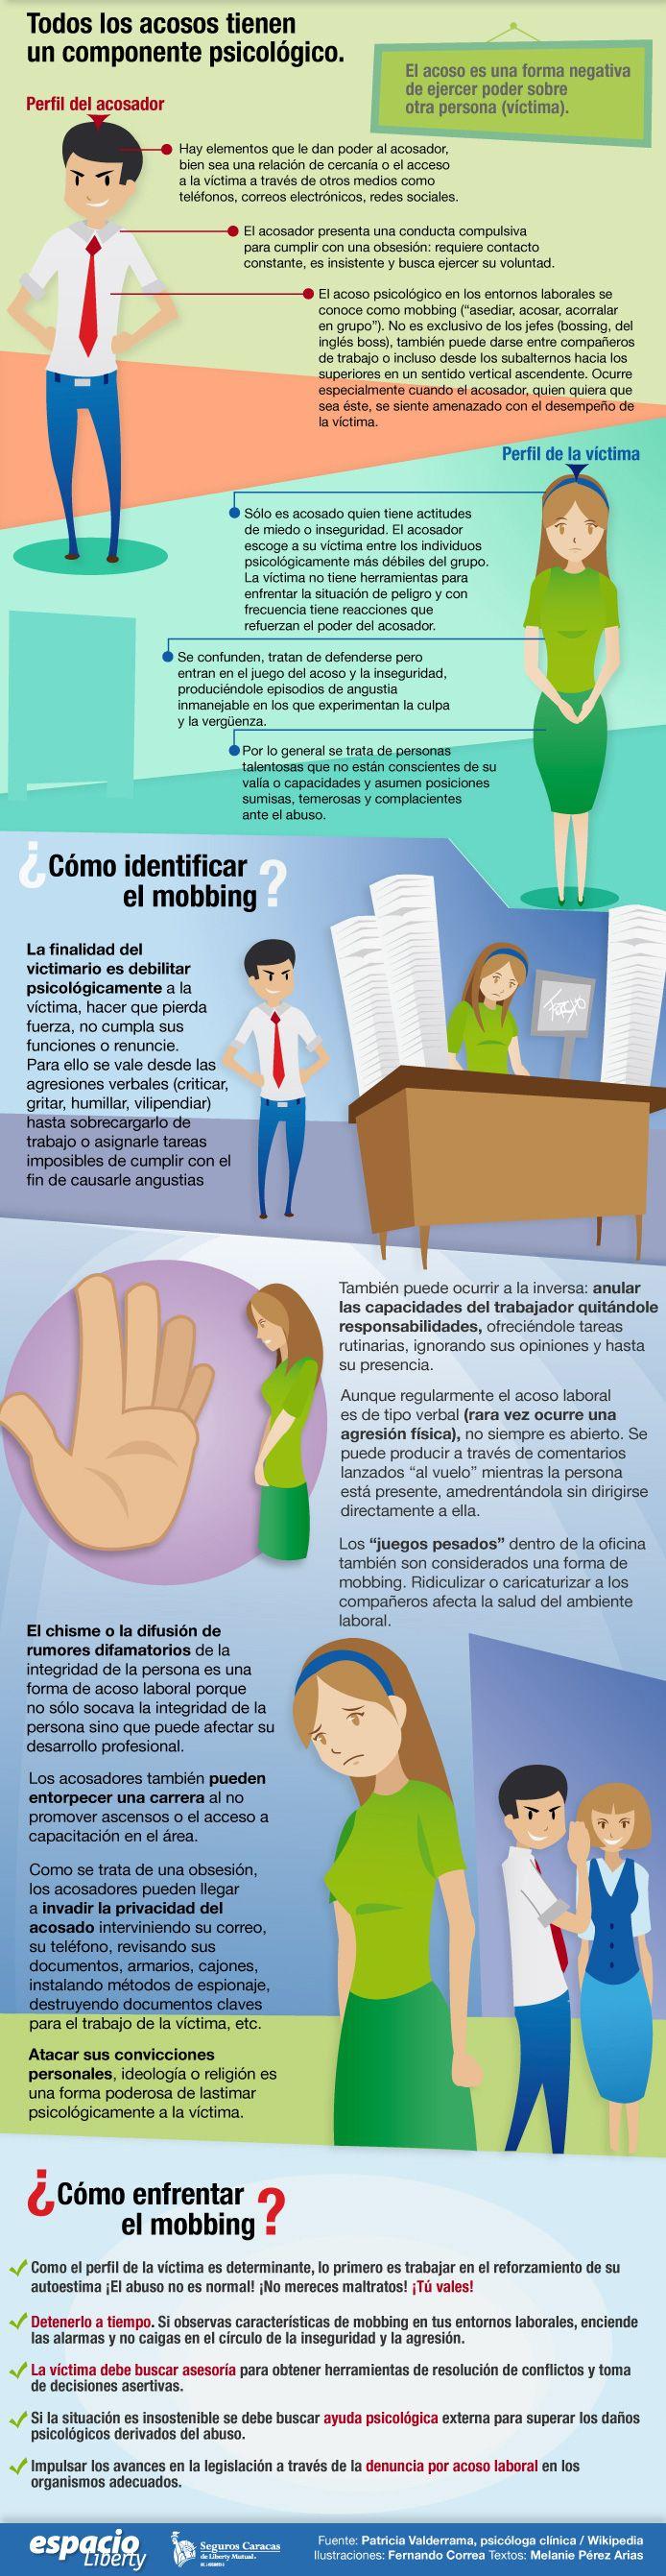 Cómo identificar el acoso laboral o mobbing. Conductas y pruebas. Defensa del trabajador acosado. Vía judicial y otras alternativas. Infografía